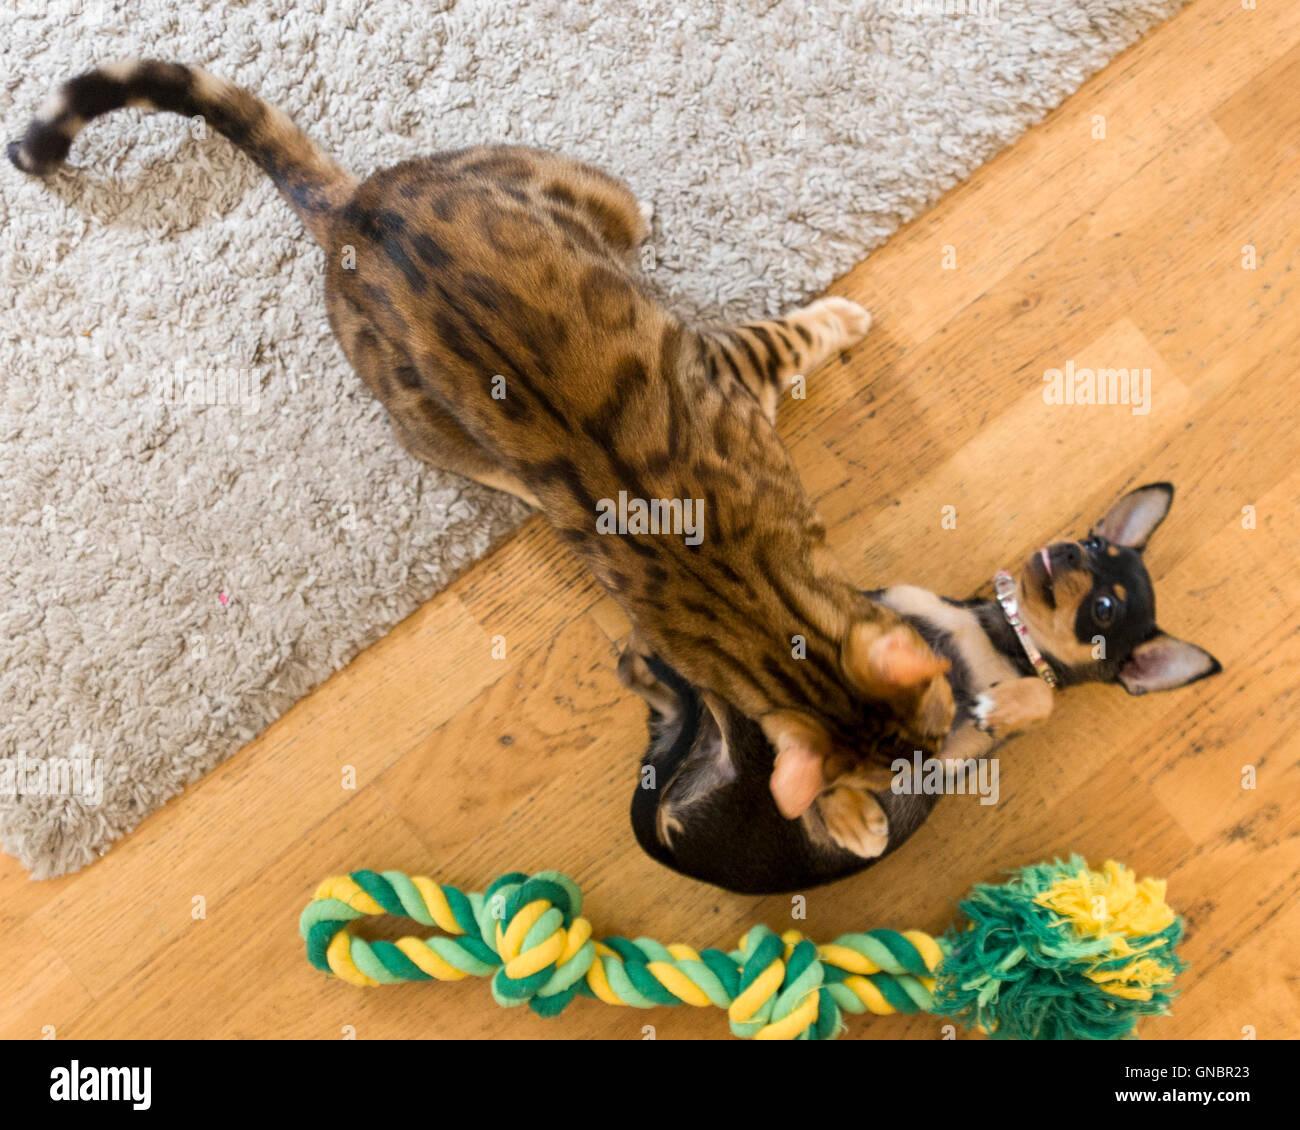 Weiblichen bengal katze und weibliche chihuahua welpen